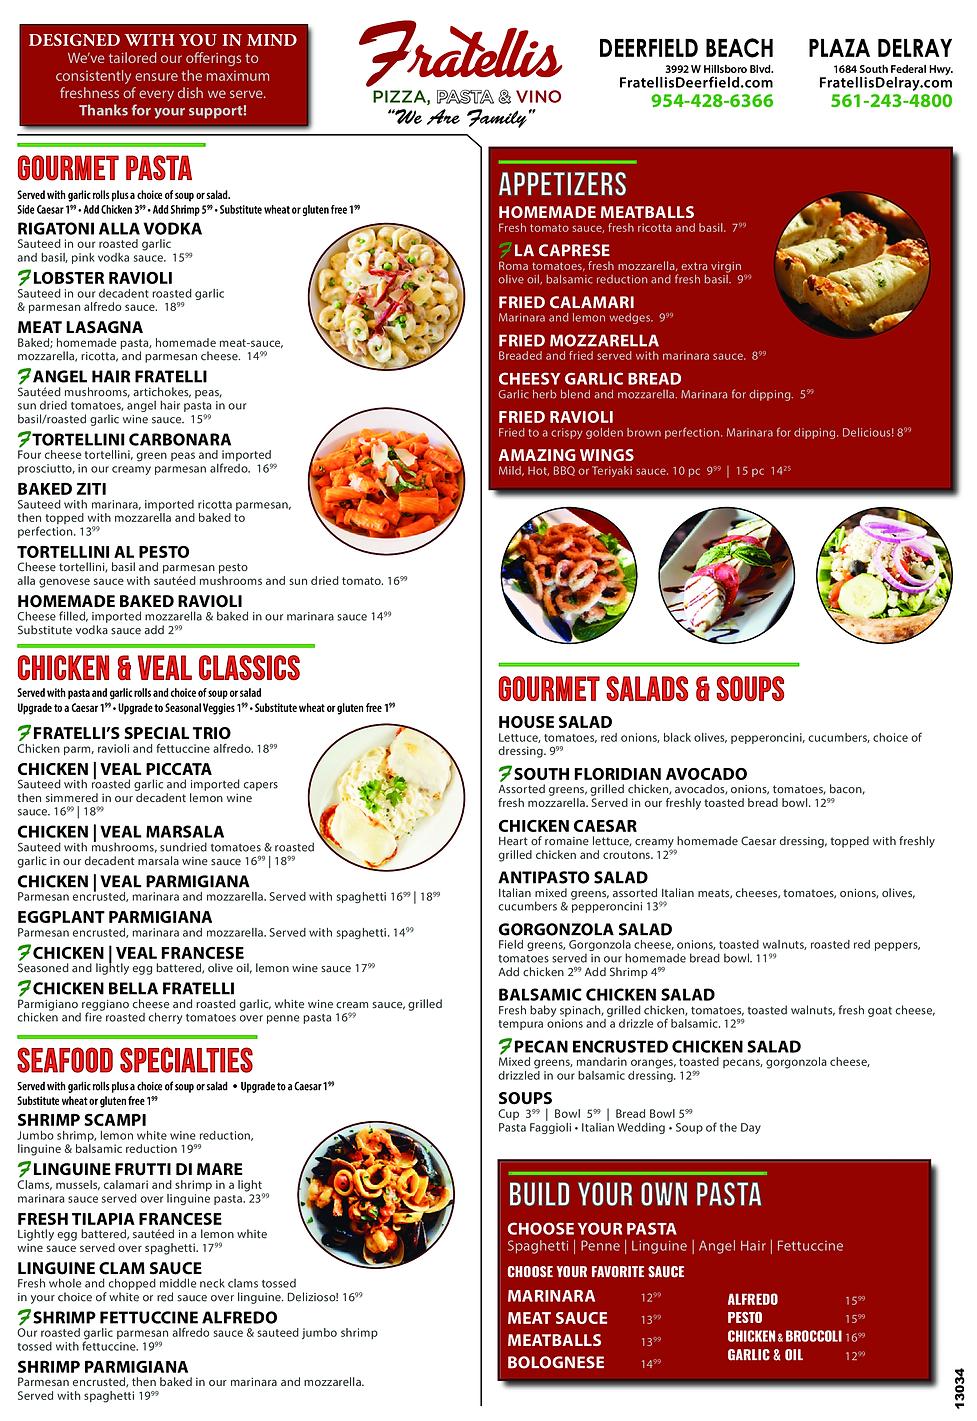 deerfield menu 1.png